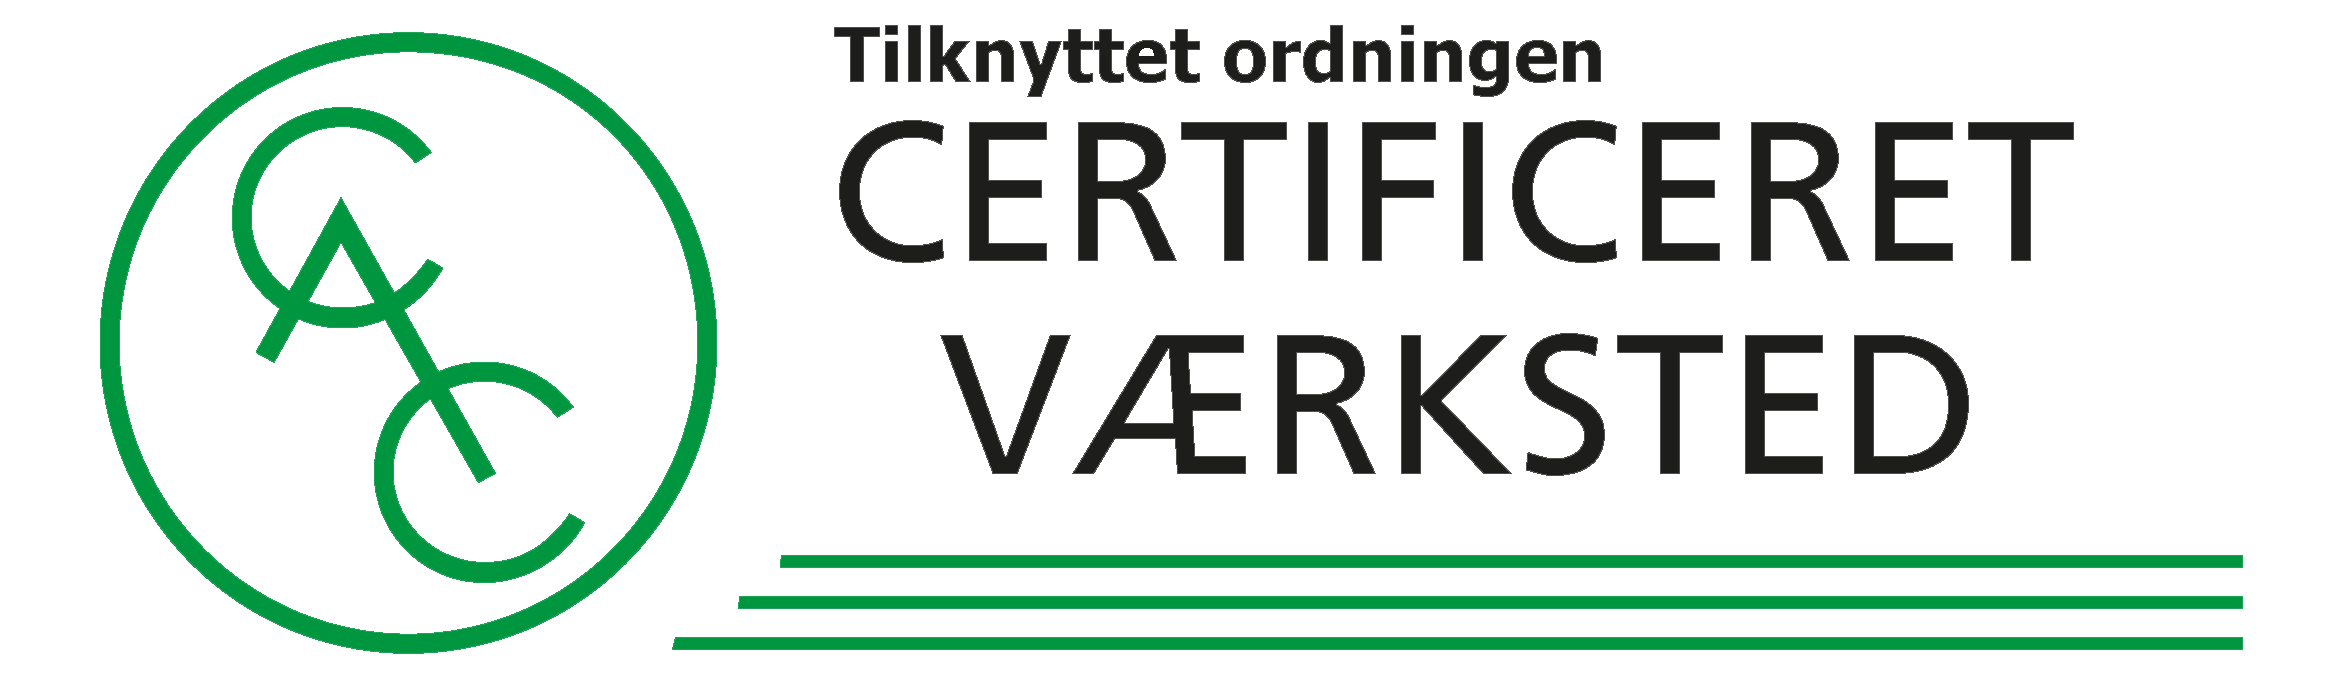 CAC Certificeret